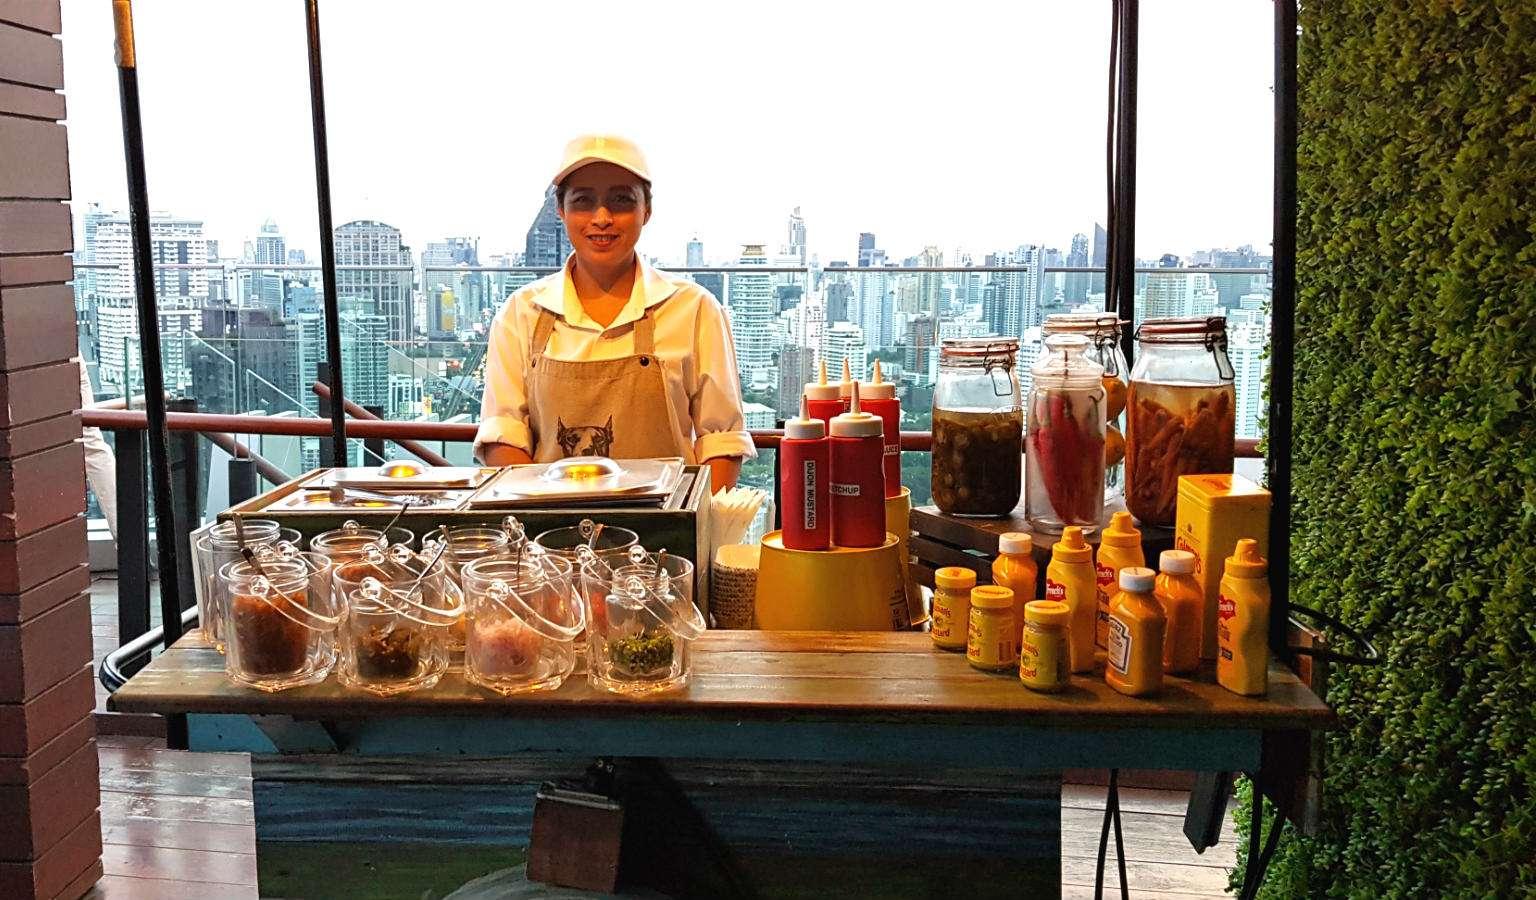 Hotdog verkoopster bij Octave